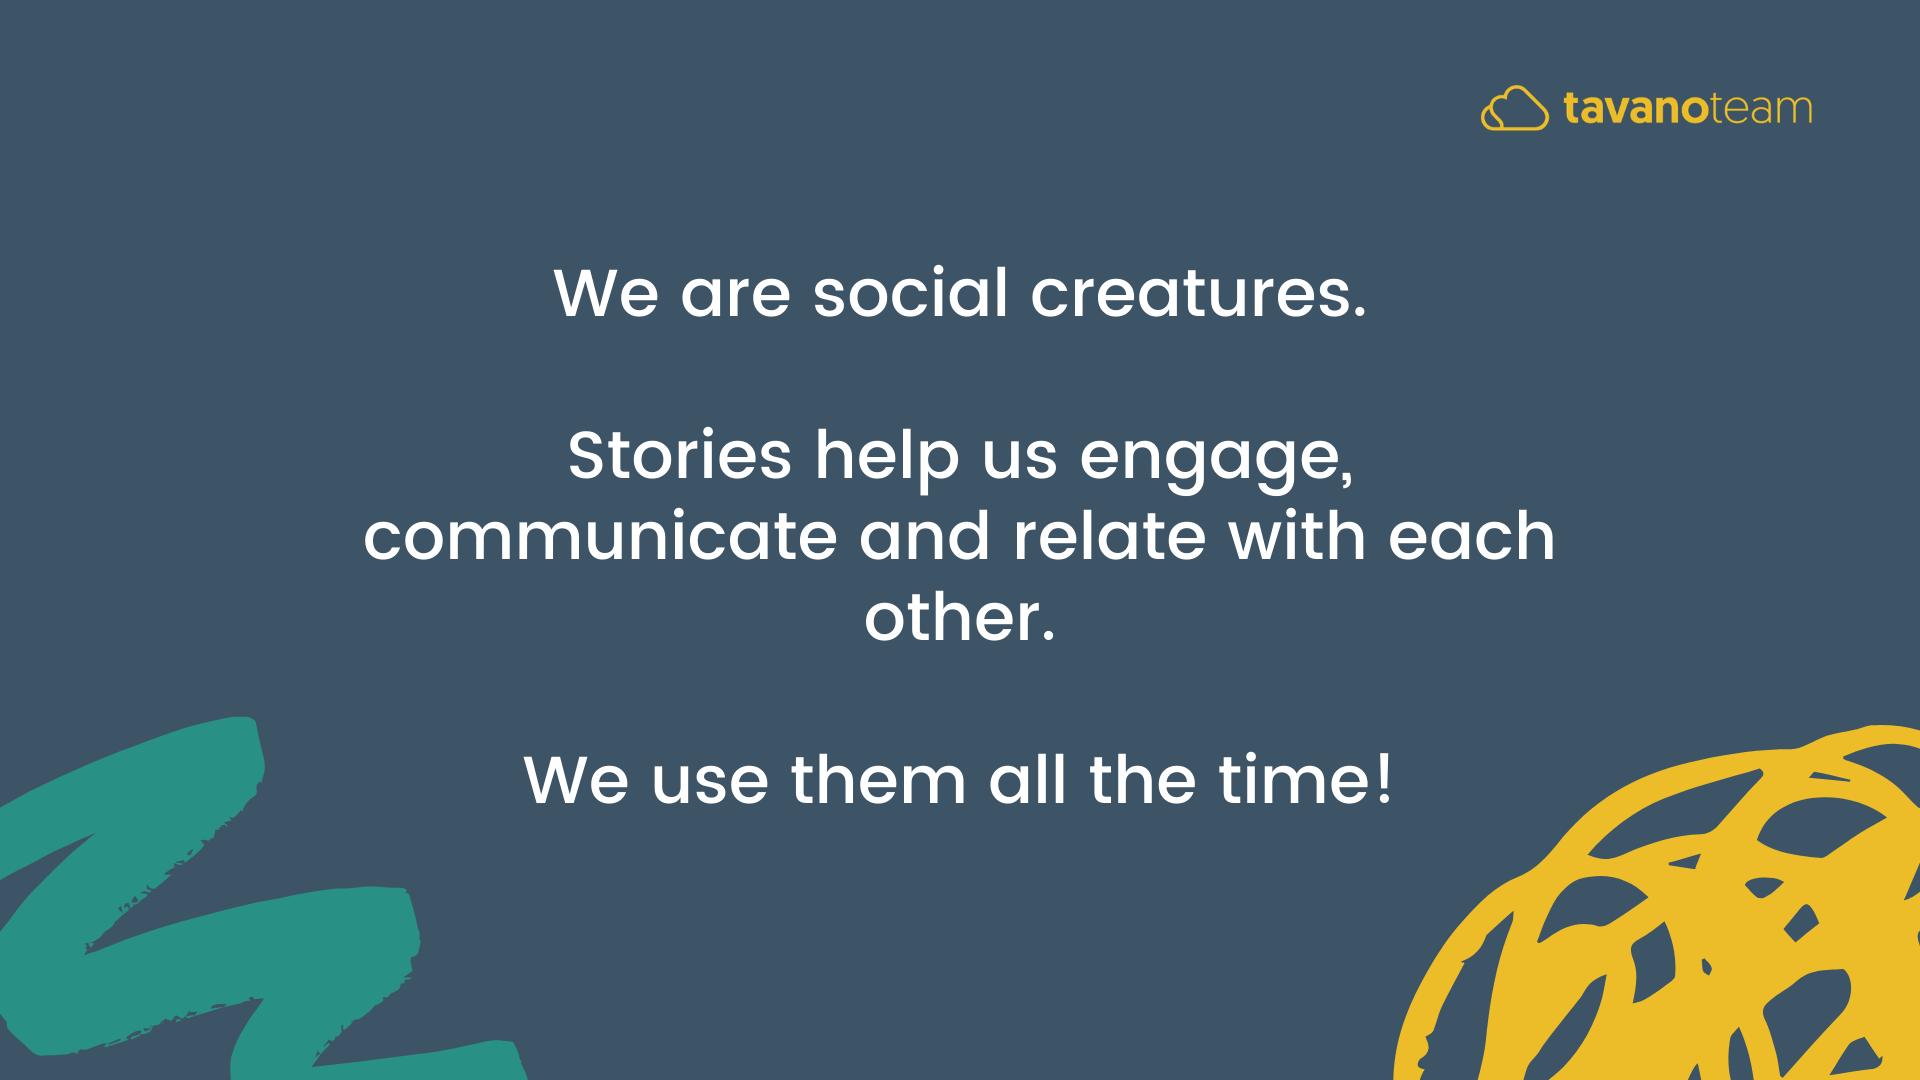 storytelling-for-ecommerce-tavano-team